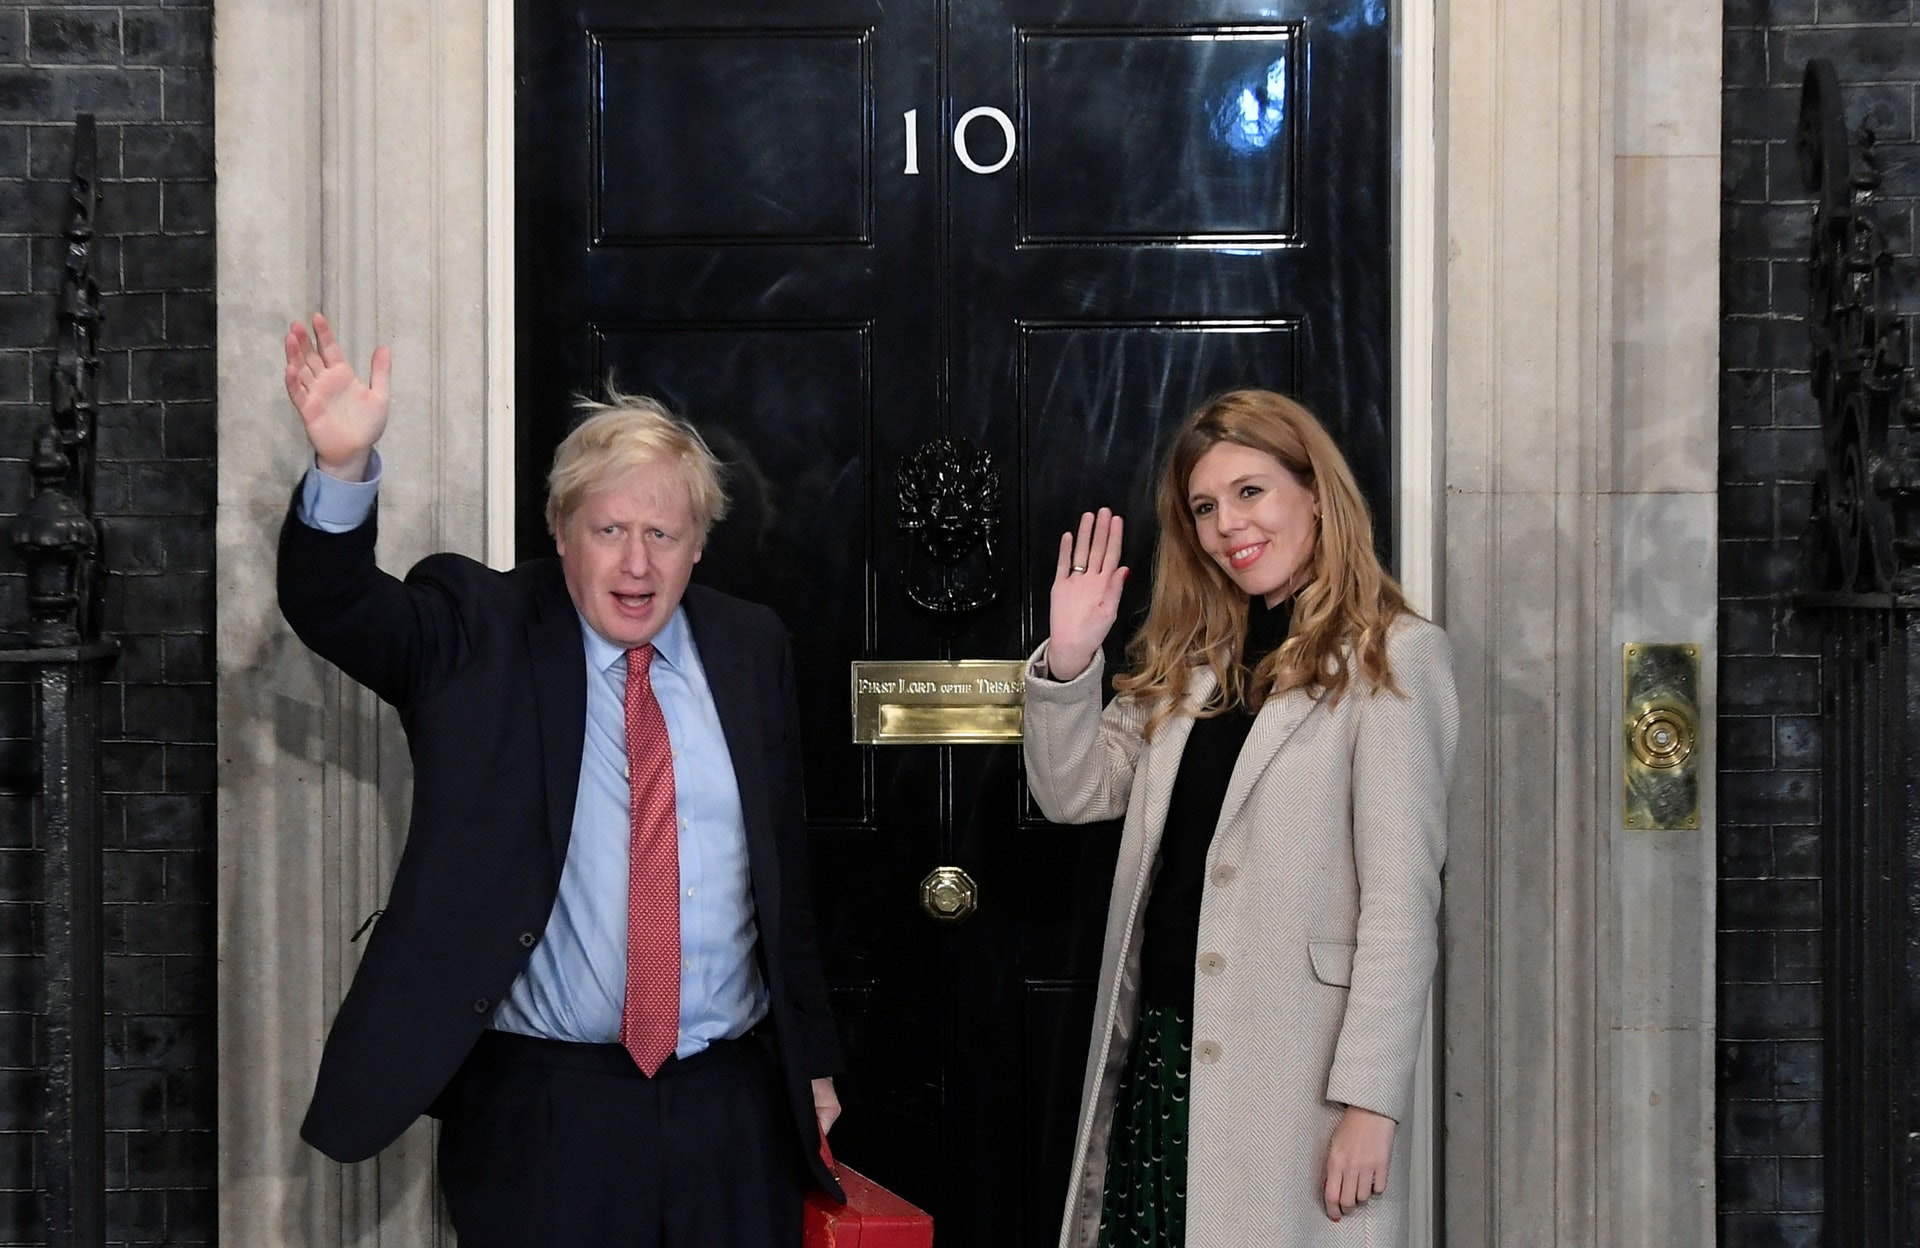 英國大選翌日清早,保守黨領袖約翰遜偕女友回到唐寧街首相官邸。(路透社)